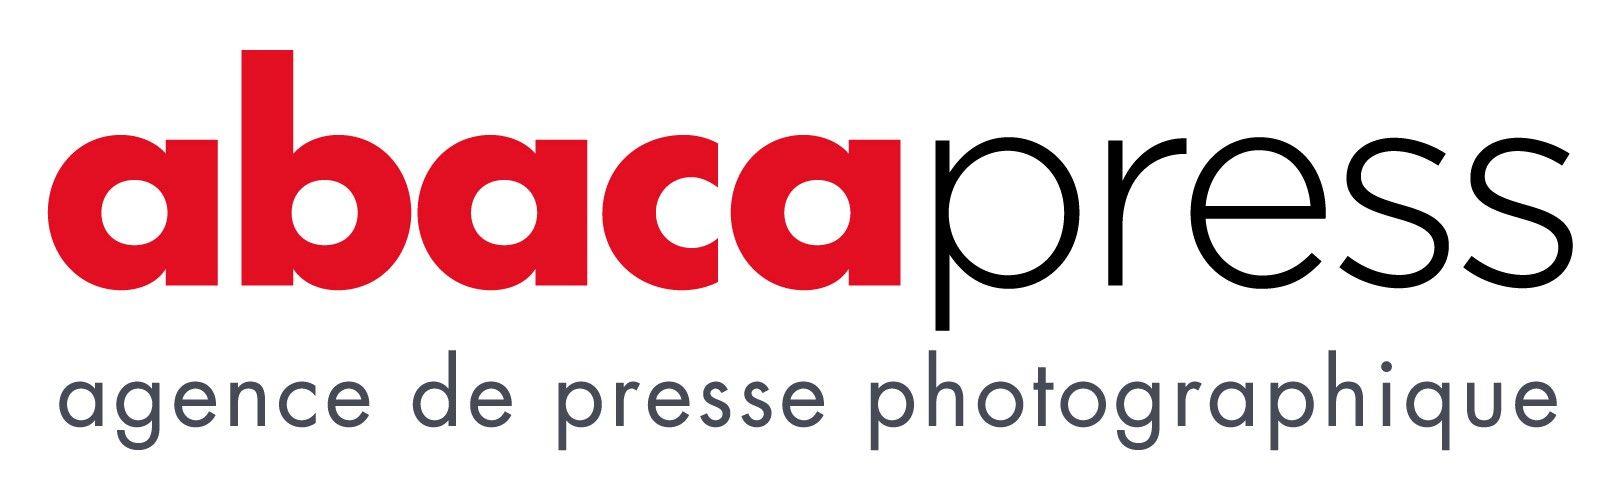 ABACA und die ddp-Gruppe geben strategische Partnerschaft bekannt